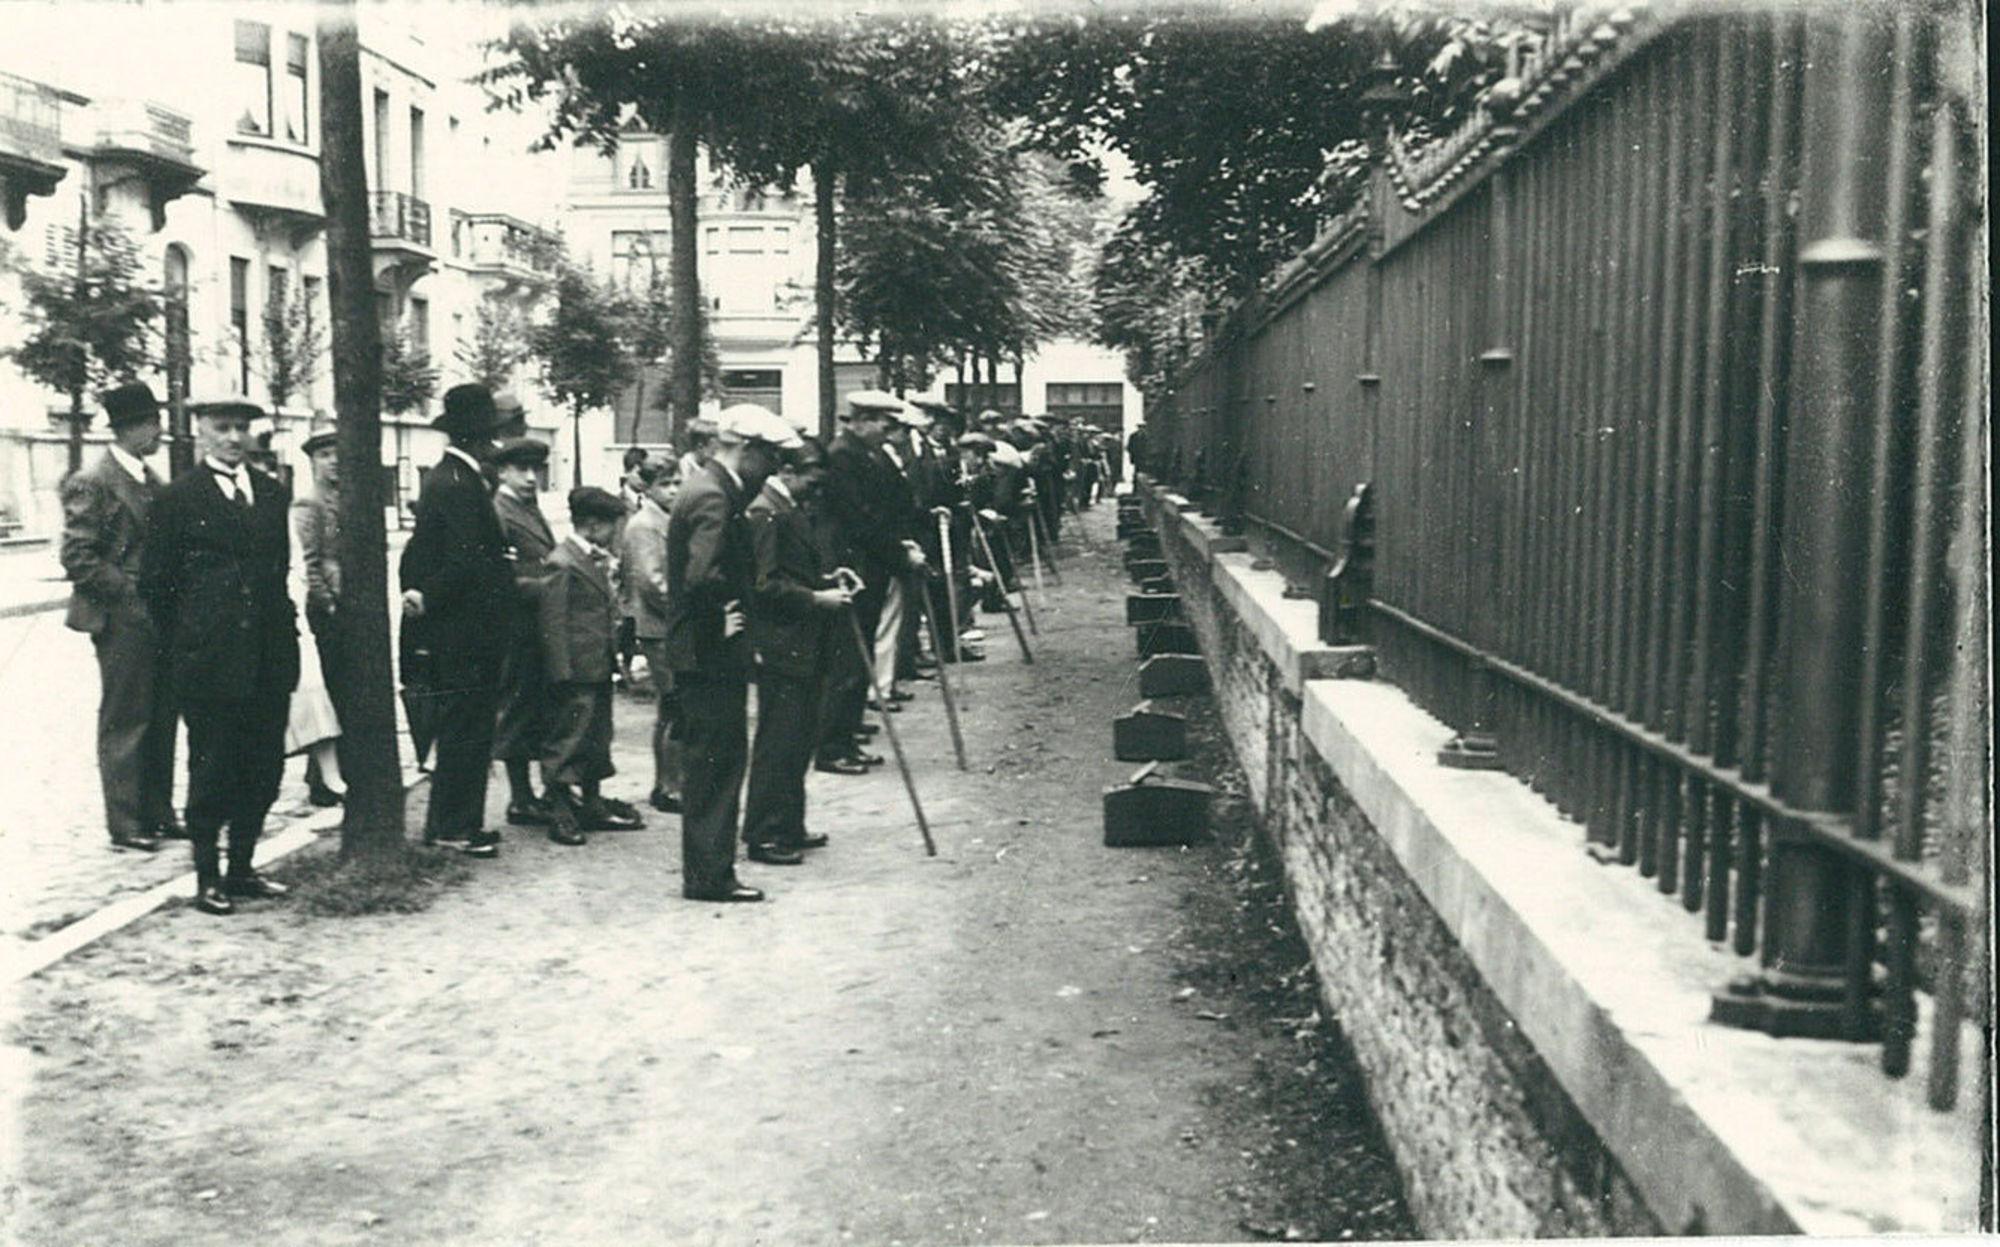 Vinkenzetting in 1935